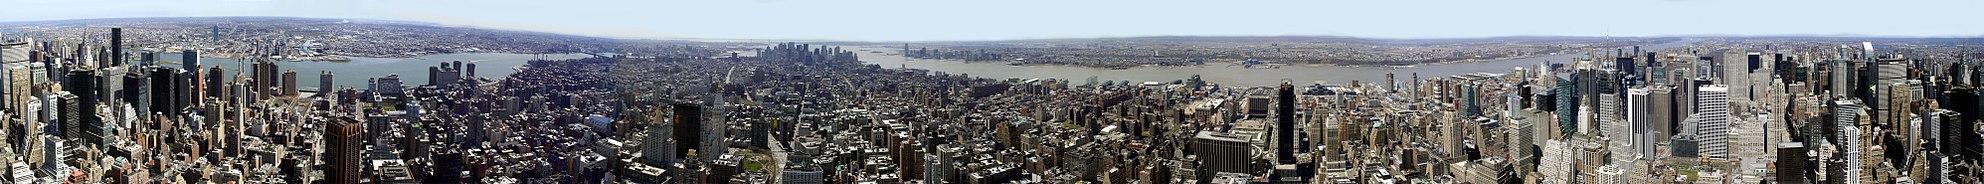 Empire State Binası 86. kattaki gözlem yerinden New York'un panaromik görünümü, 2005 ilkbaharı